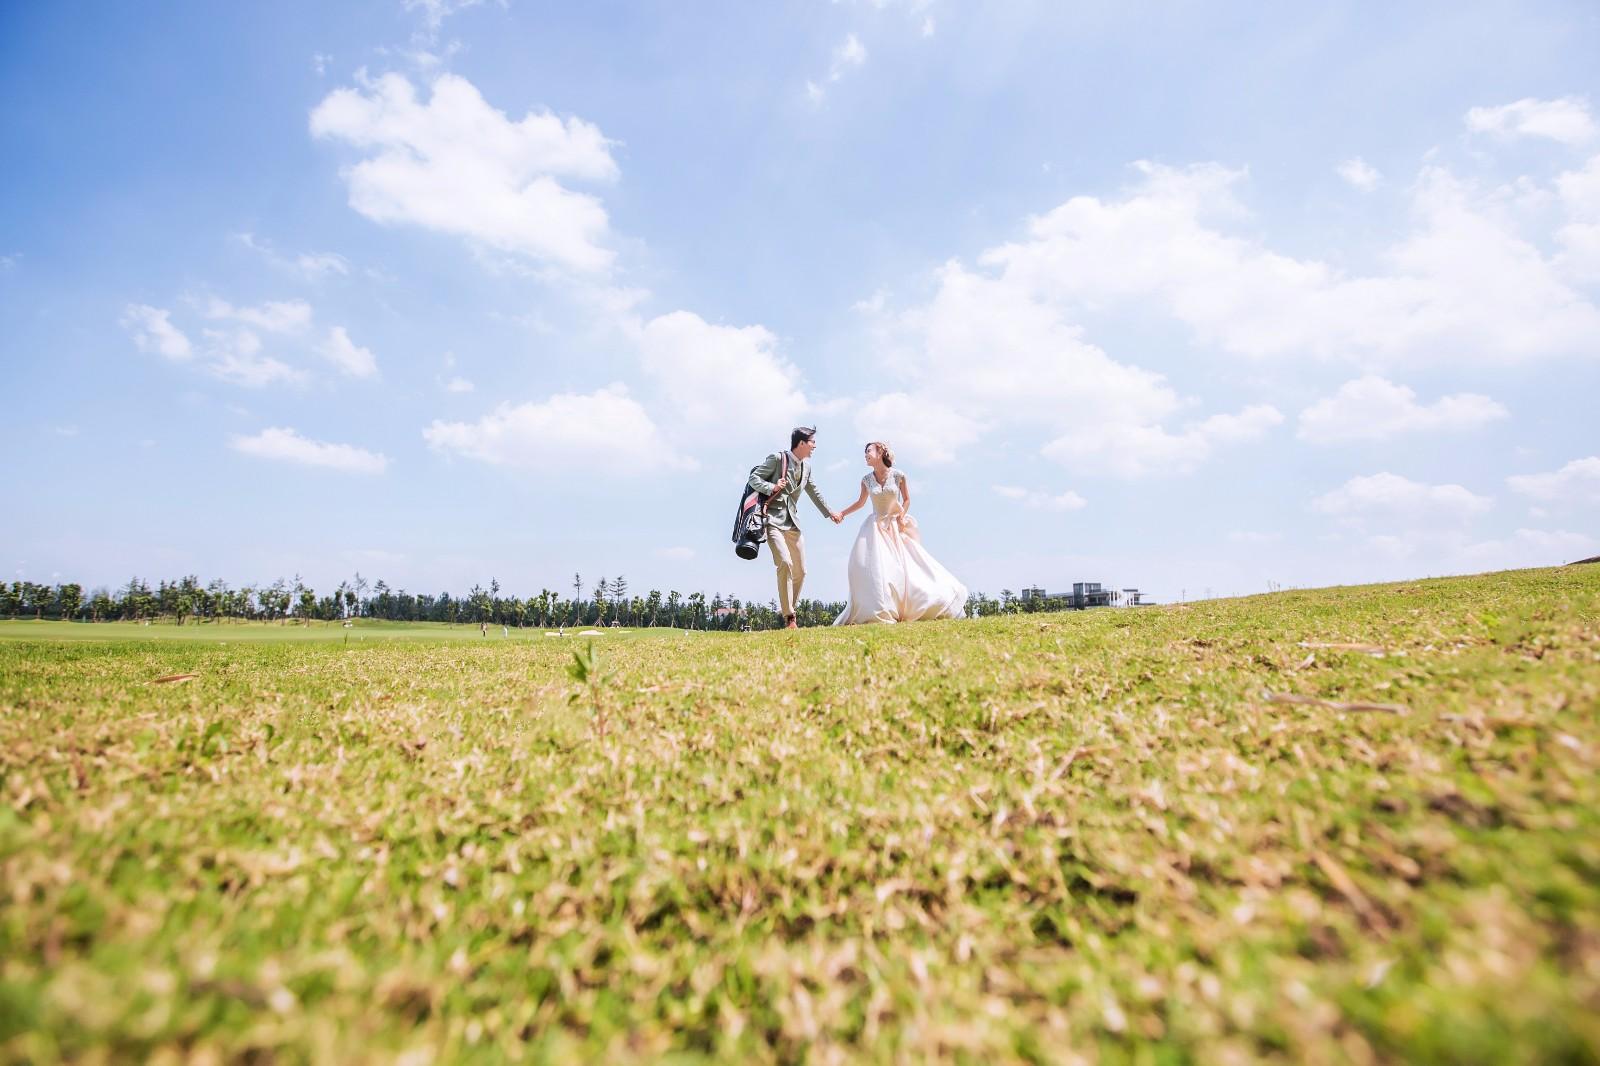 结婚典礼主持词该怎么说,最优秀的主持词就在这里啦!